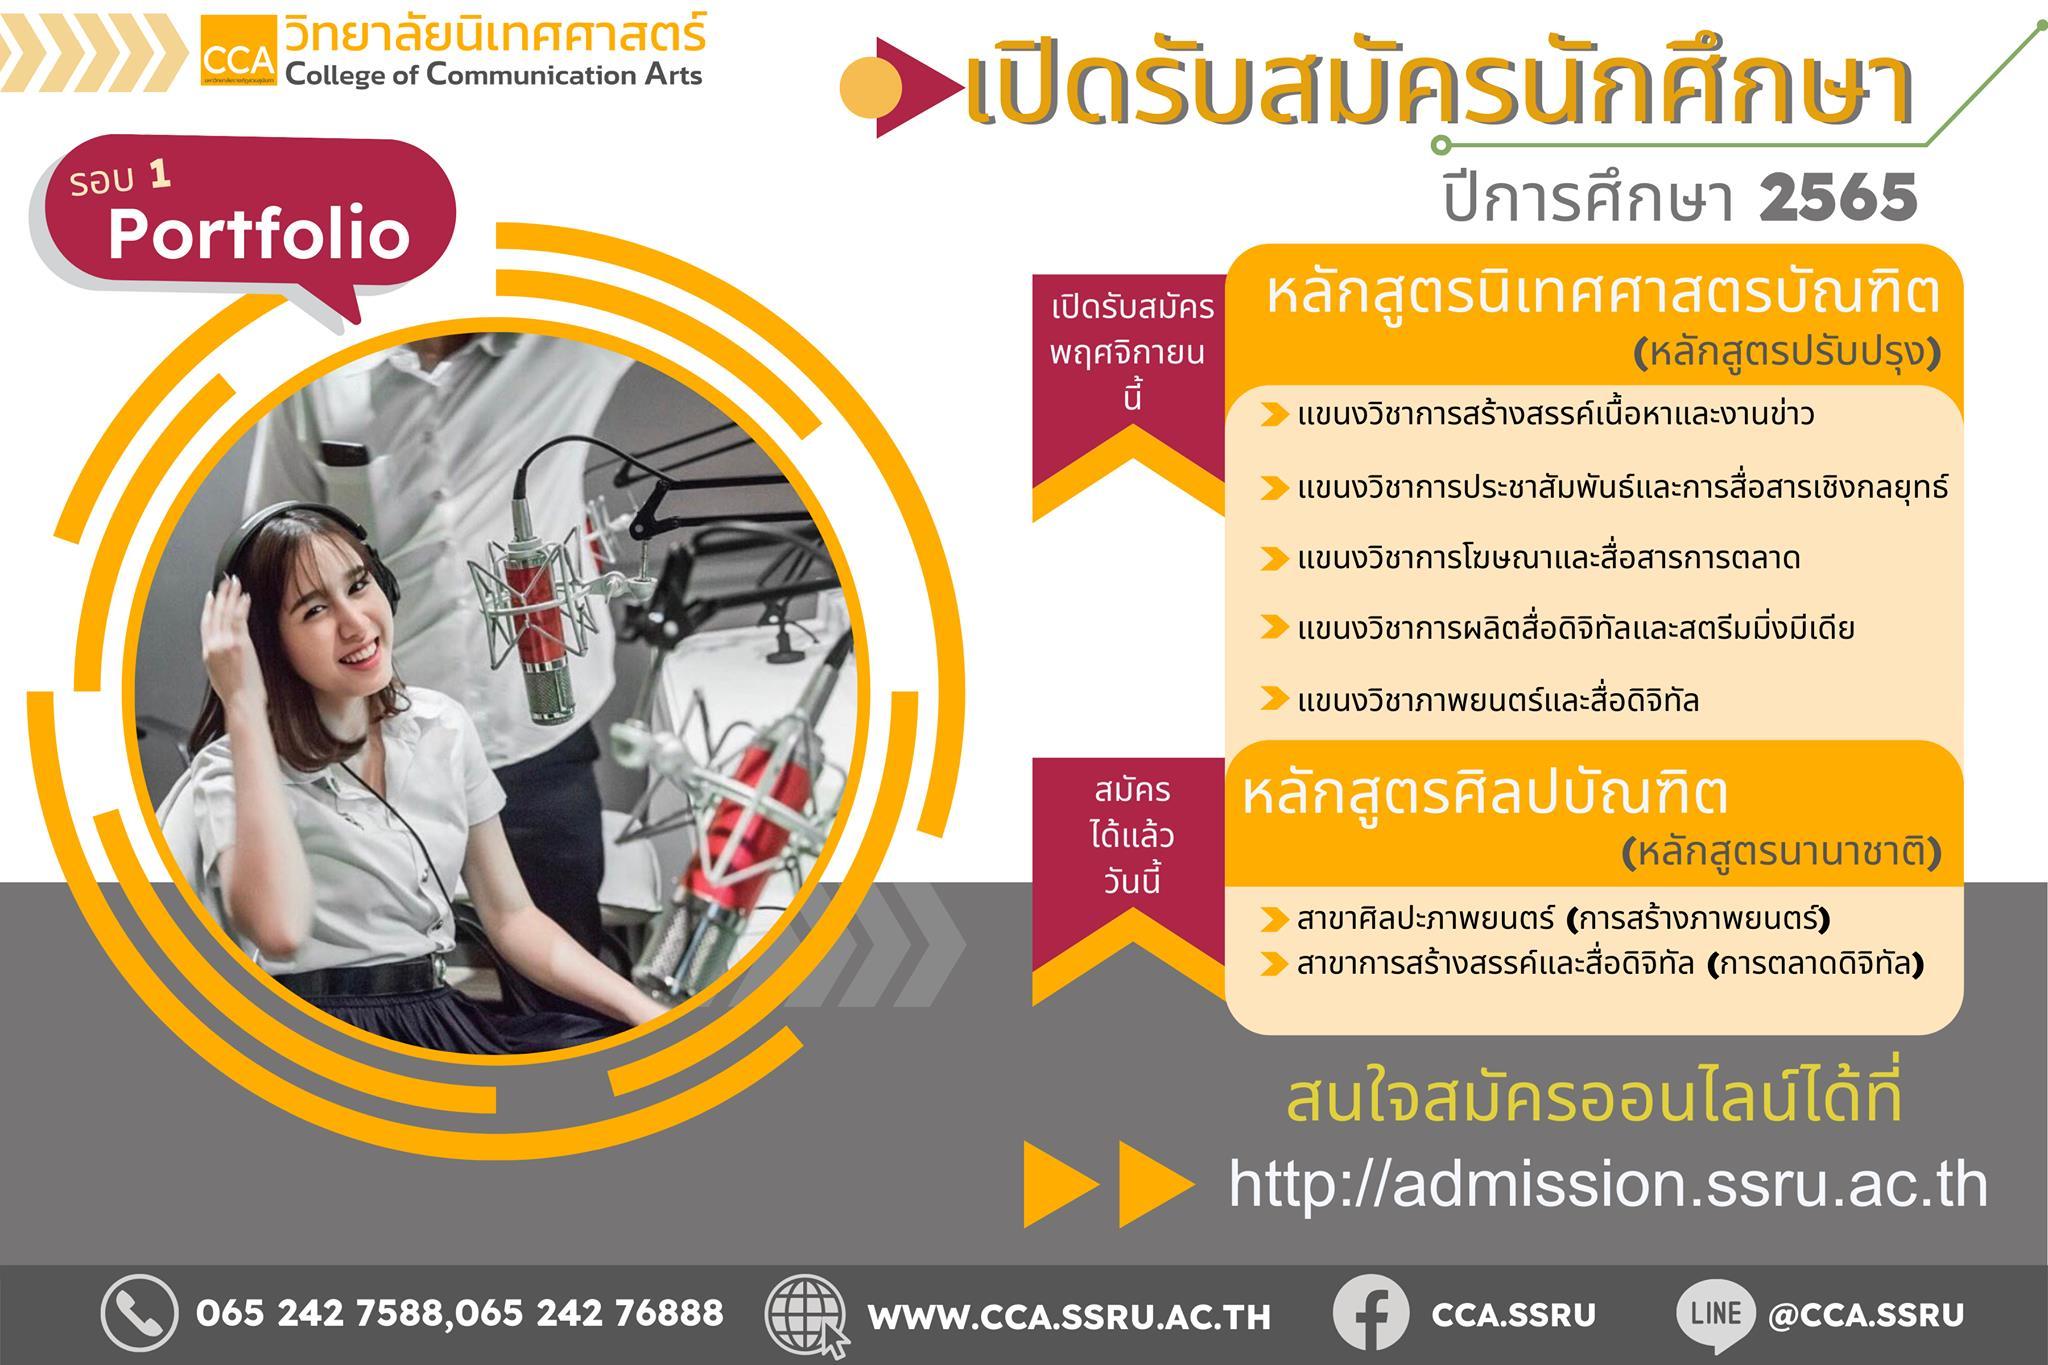 วิทยาลัยนิเทศศาสตร์ สวนสุนันทา เปิดรับเรียนต่อปริญญาตรี ปีการศึกษา 2565 หลักสูตรภาษาไทยและนานาชาติ